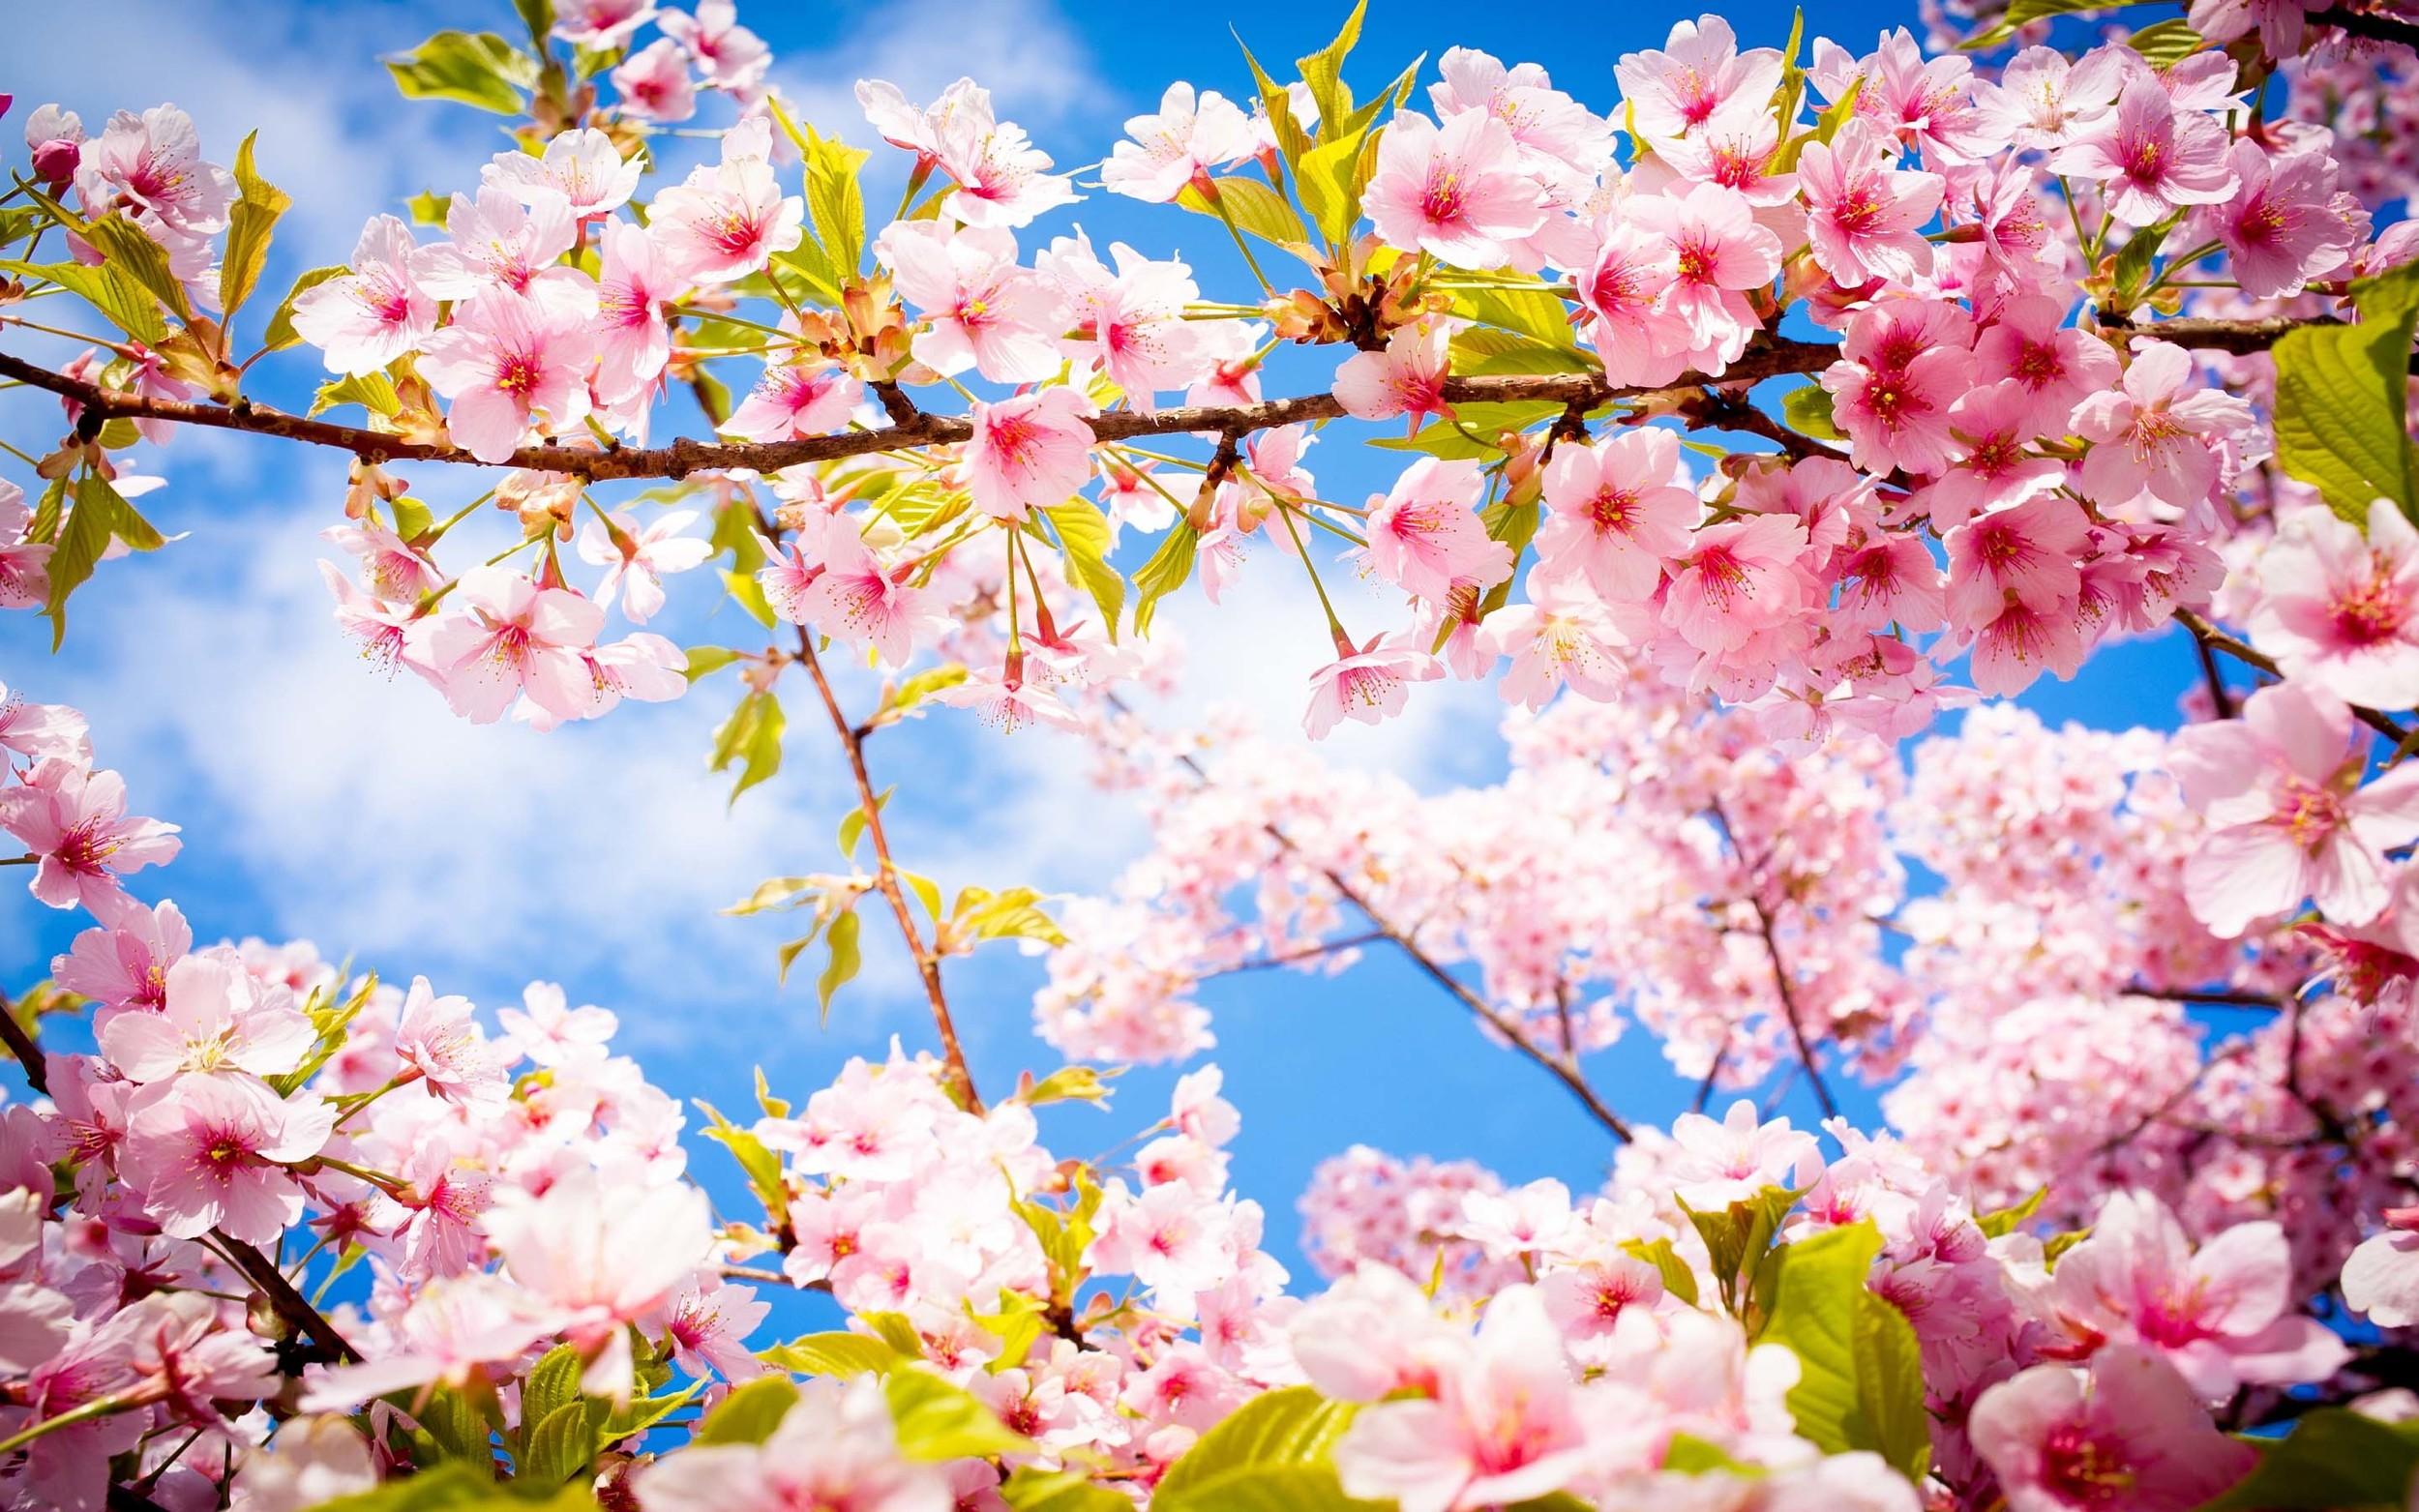 cherry-blossom-spring1-copy.jpg